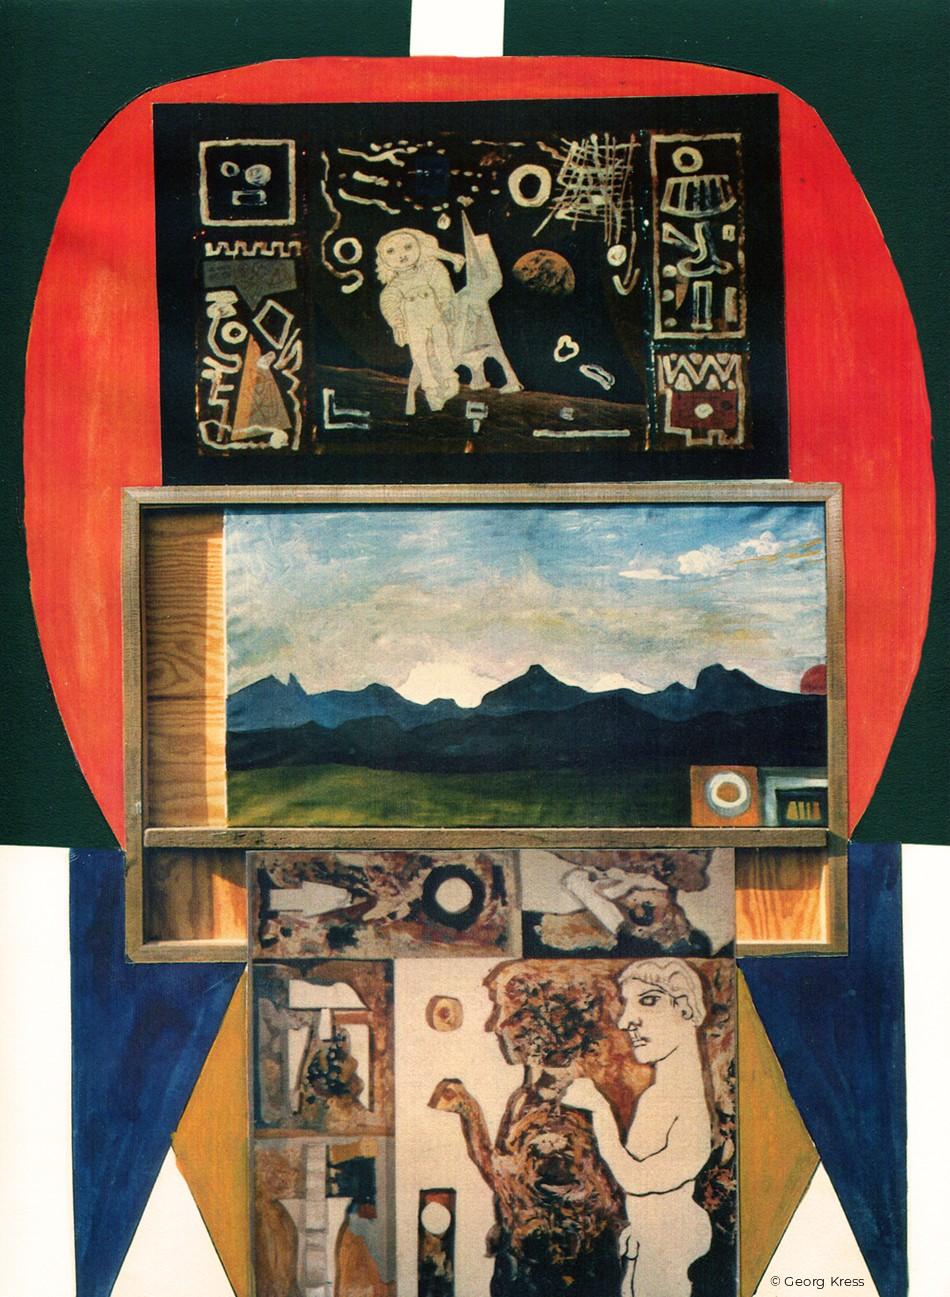 Gott, Mensch, Natur und Weltall. 1986. Eitempera, Öl, Metallfolie, Papier, Styropor auf Leinwand, Holz.